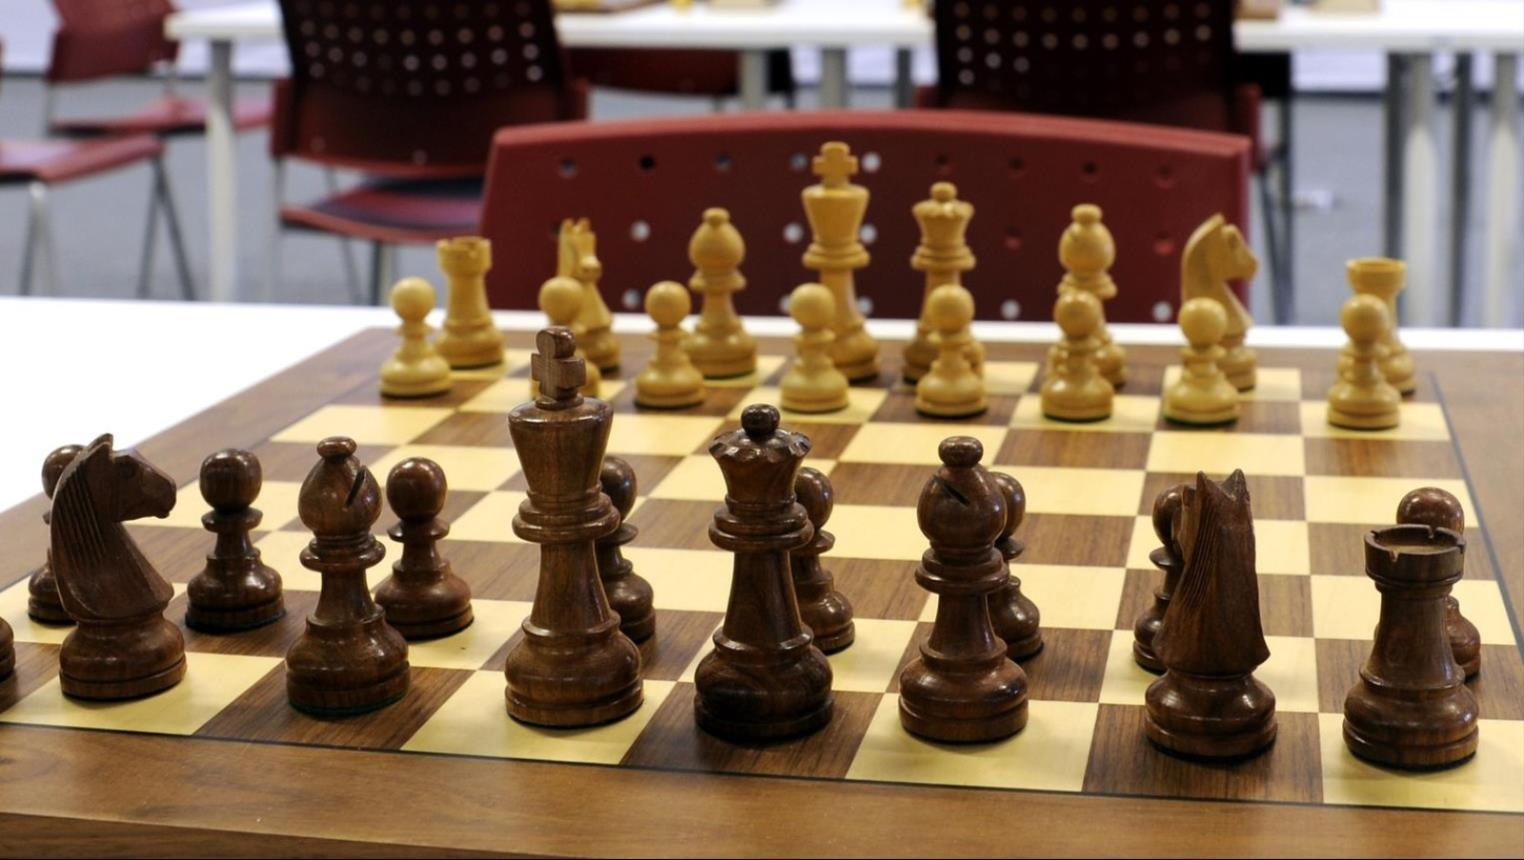 الإتحاد السوداني للشطرنج يوضح ما تناقلته الصحف فيما يخص دعمه لمرشح إسرائيلي